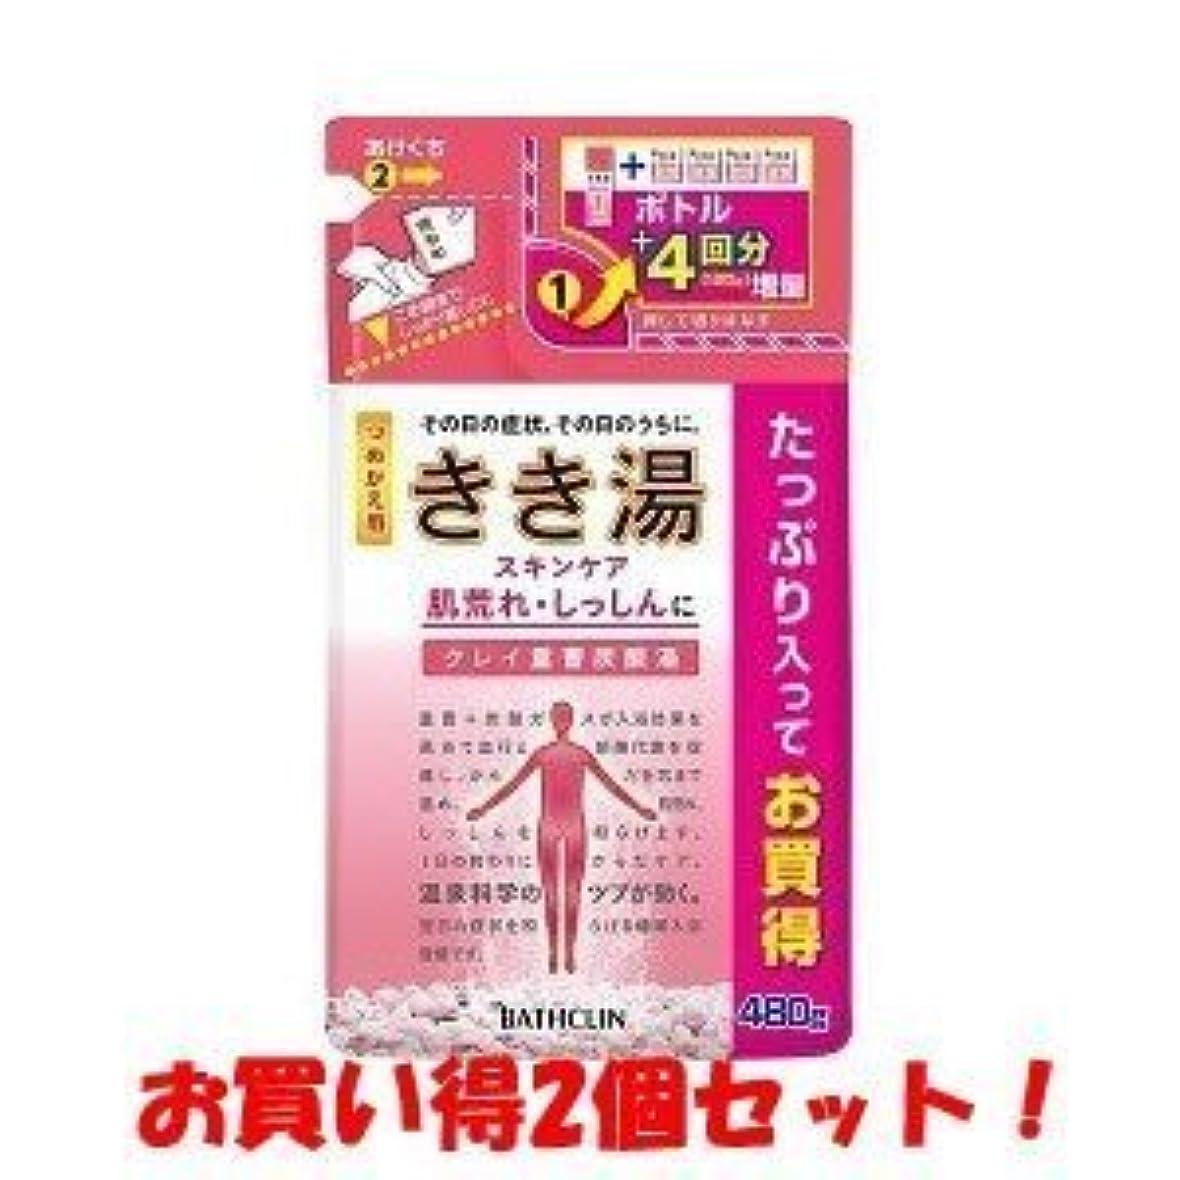 (バスクリン)きき湯 クレイ重曹炭酸湯 つめかえ用 480g(医薬部外品)(お買い得2個セット)